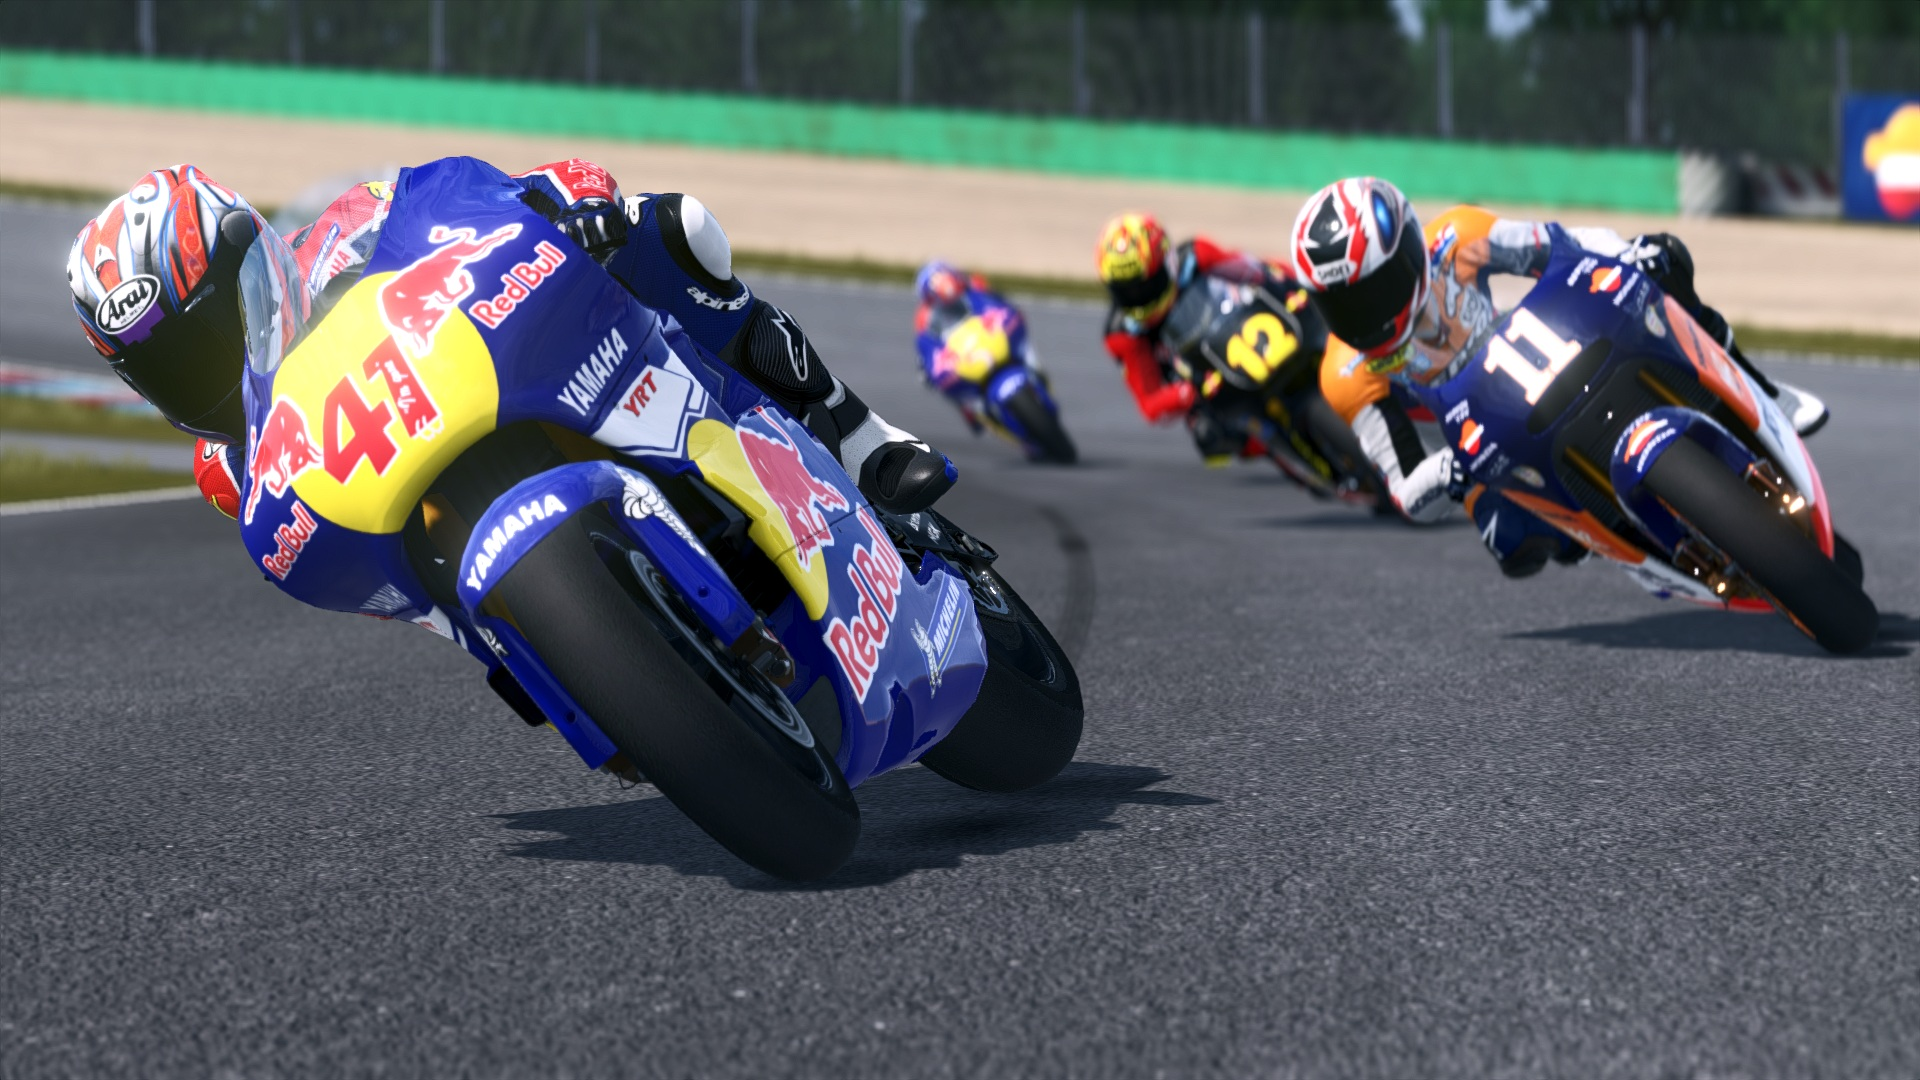 MotoGP14X64.exe_DX11_20140821_081854.jpg